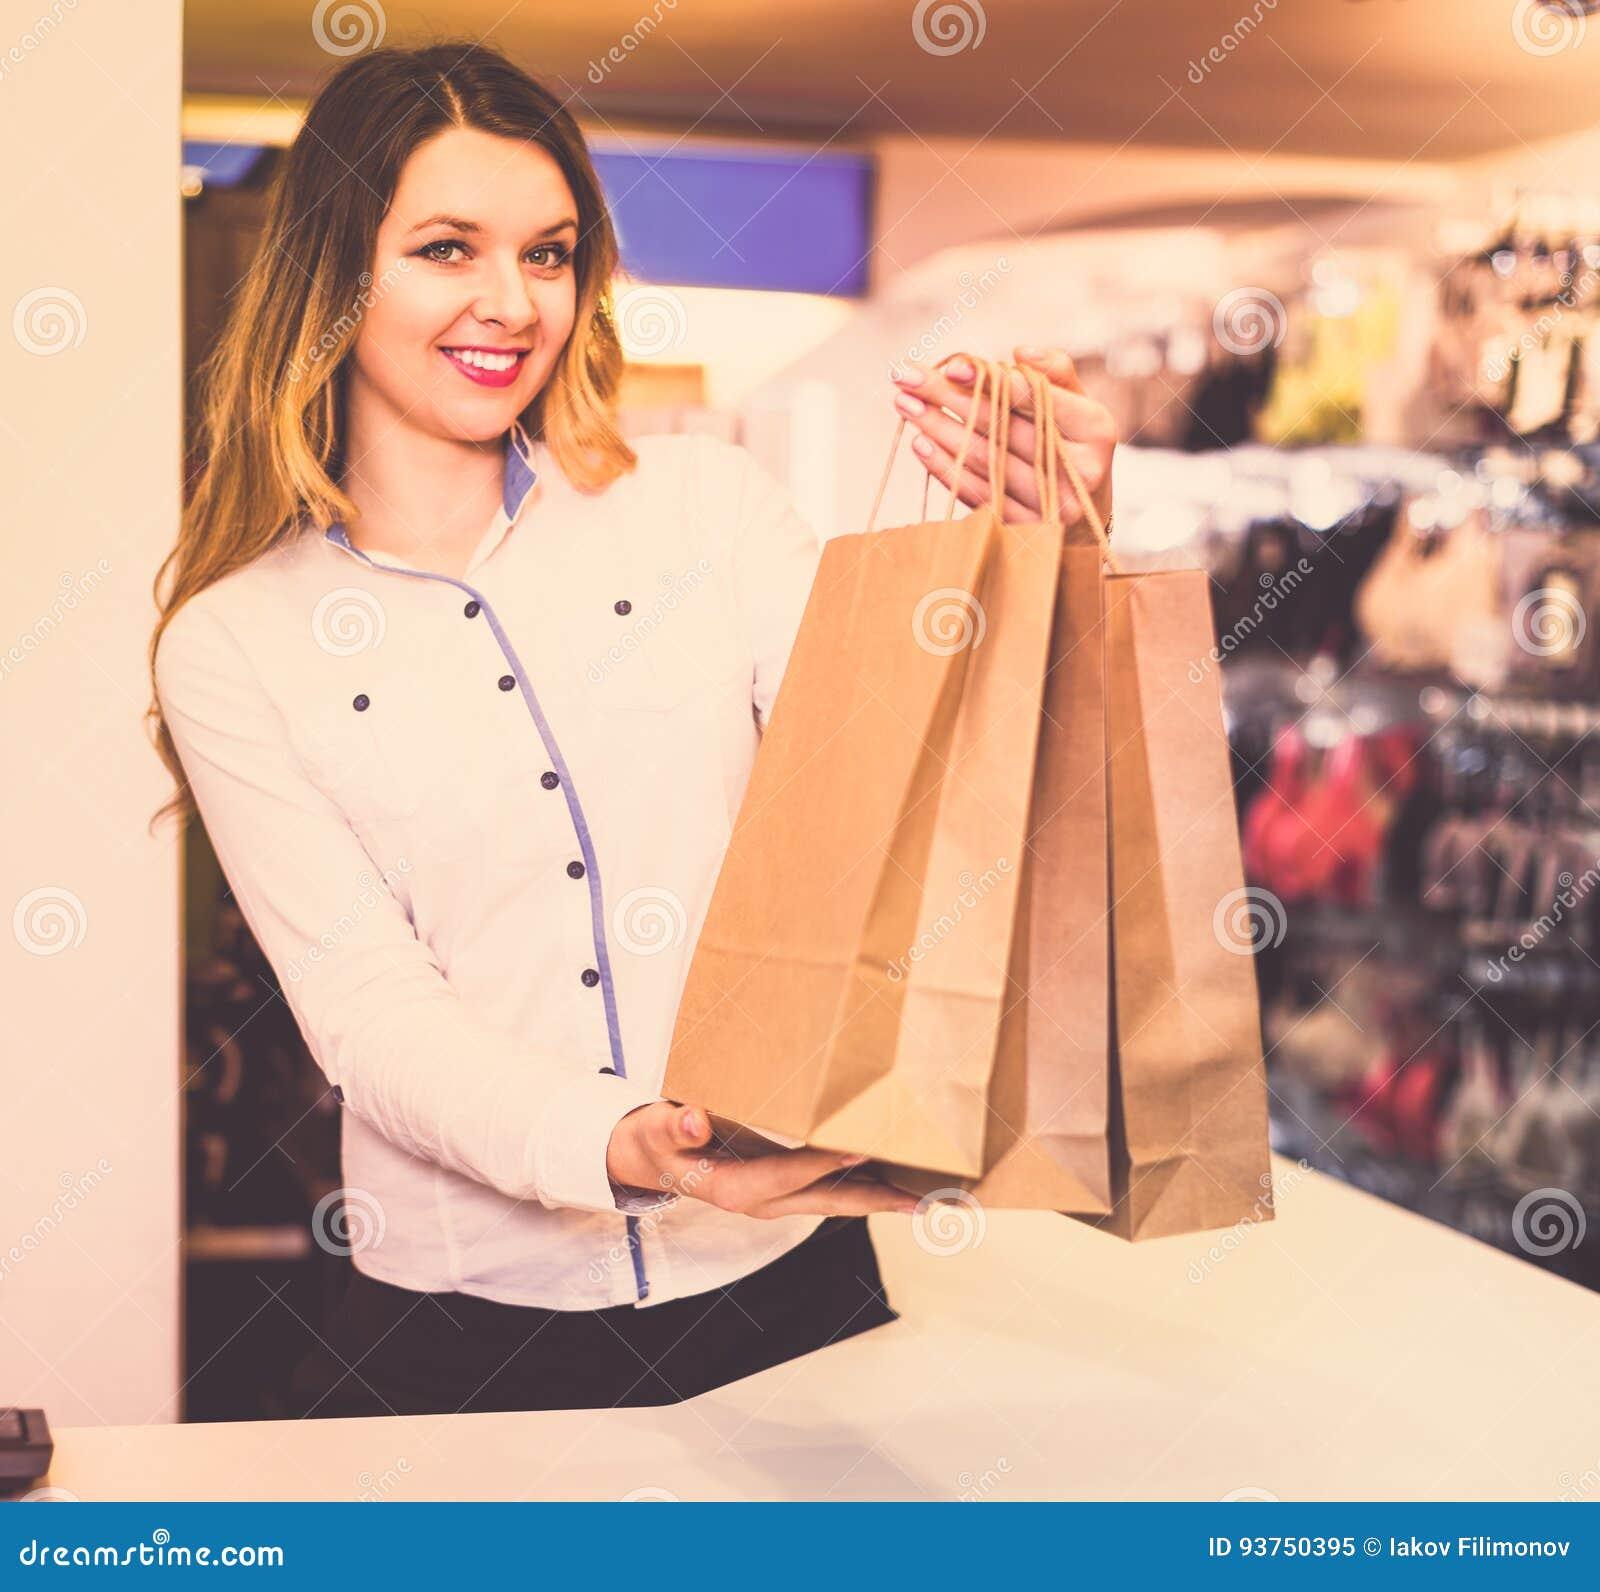 Продавец в магазин женского белья фабрика женского белья россия